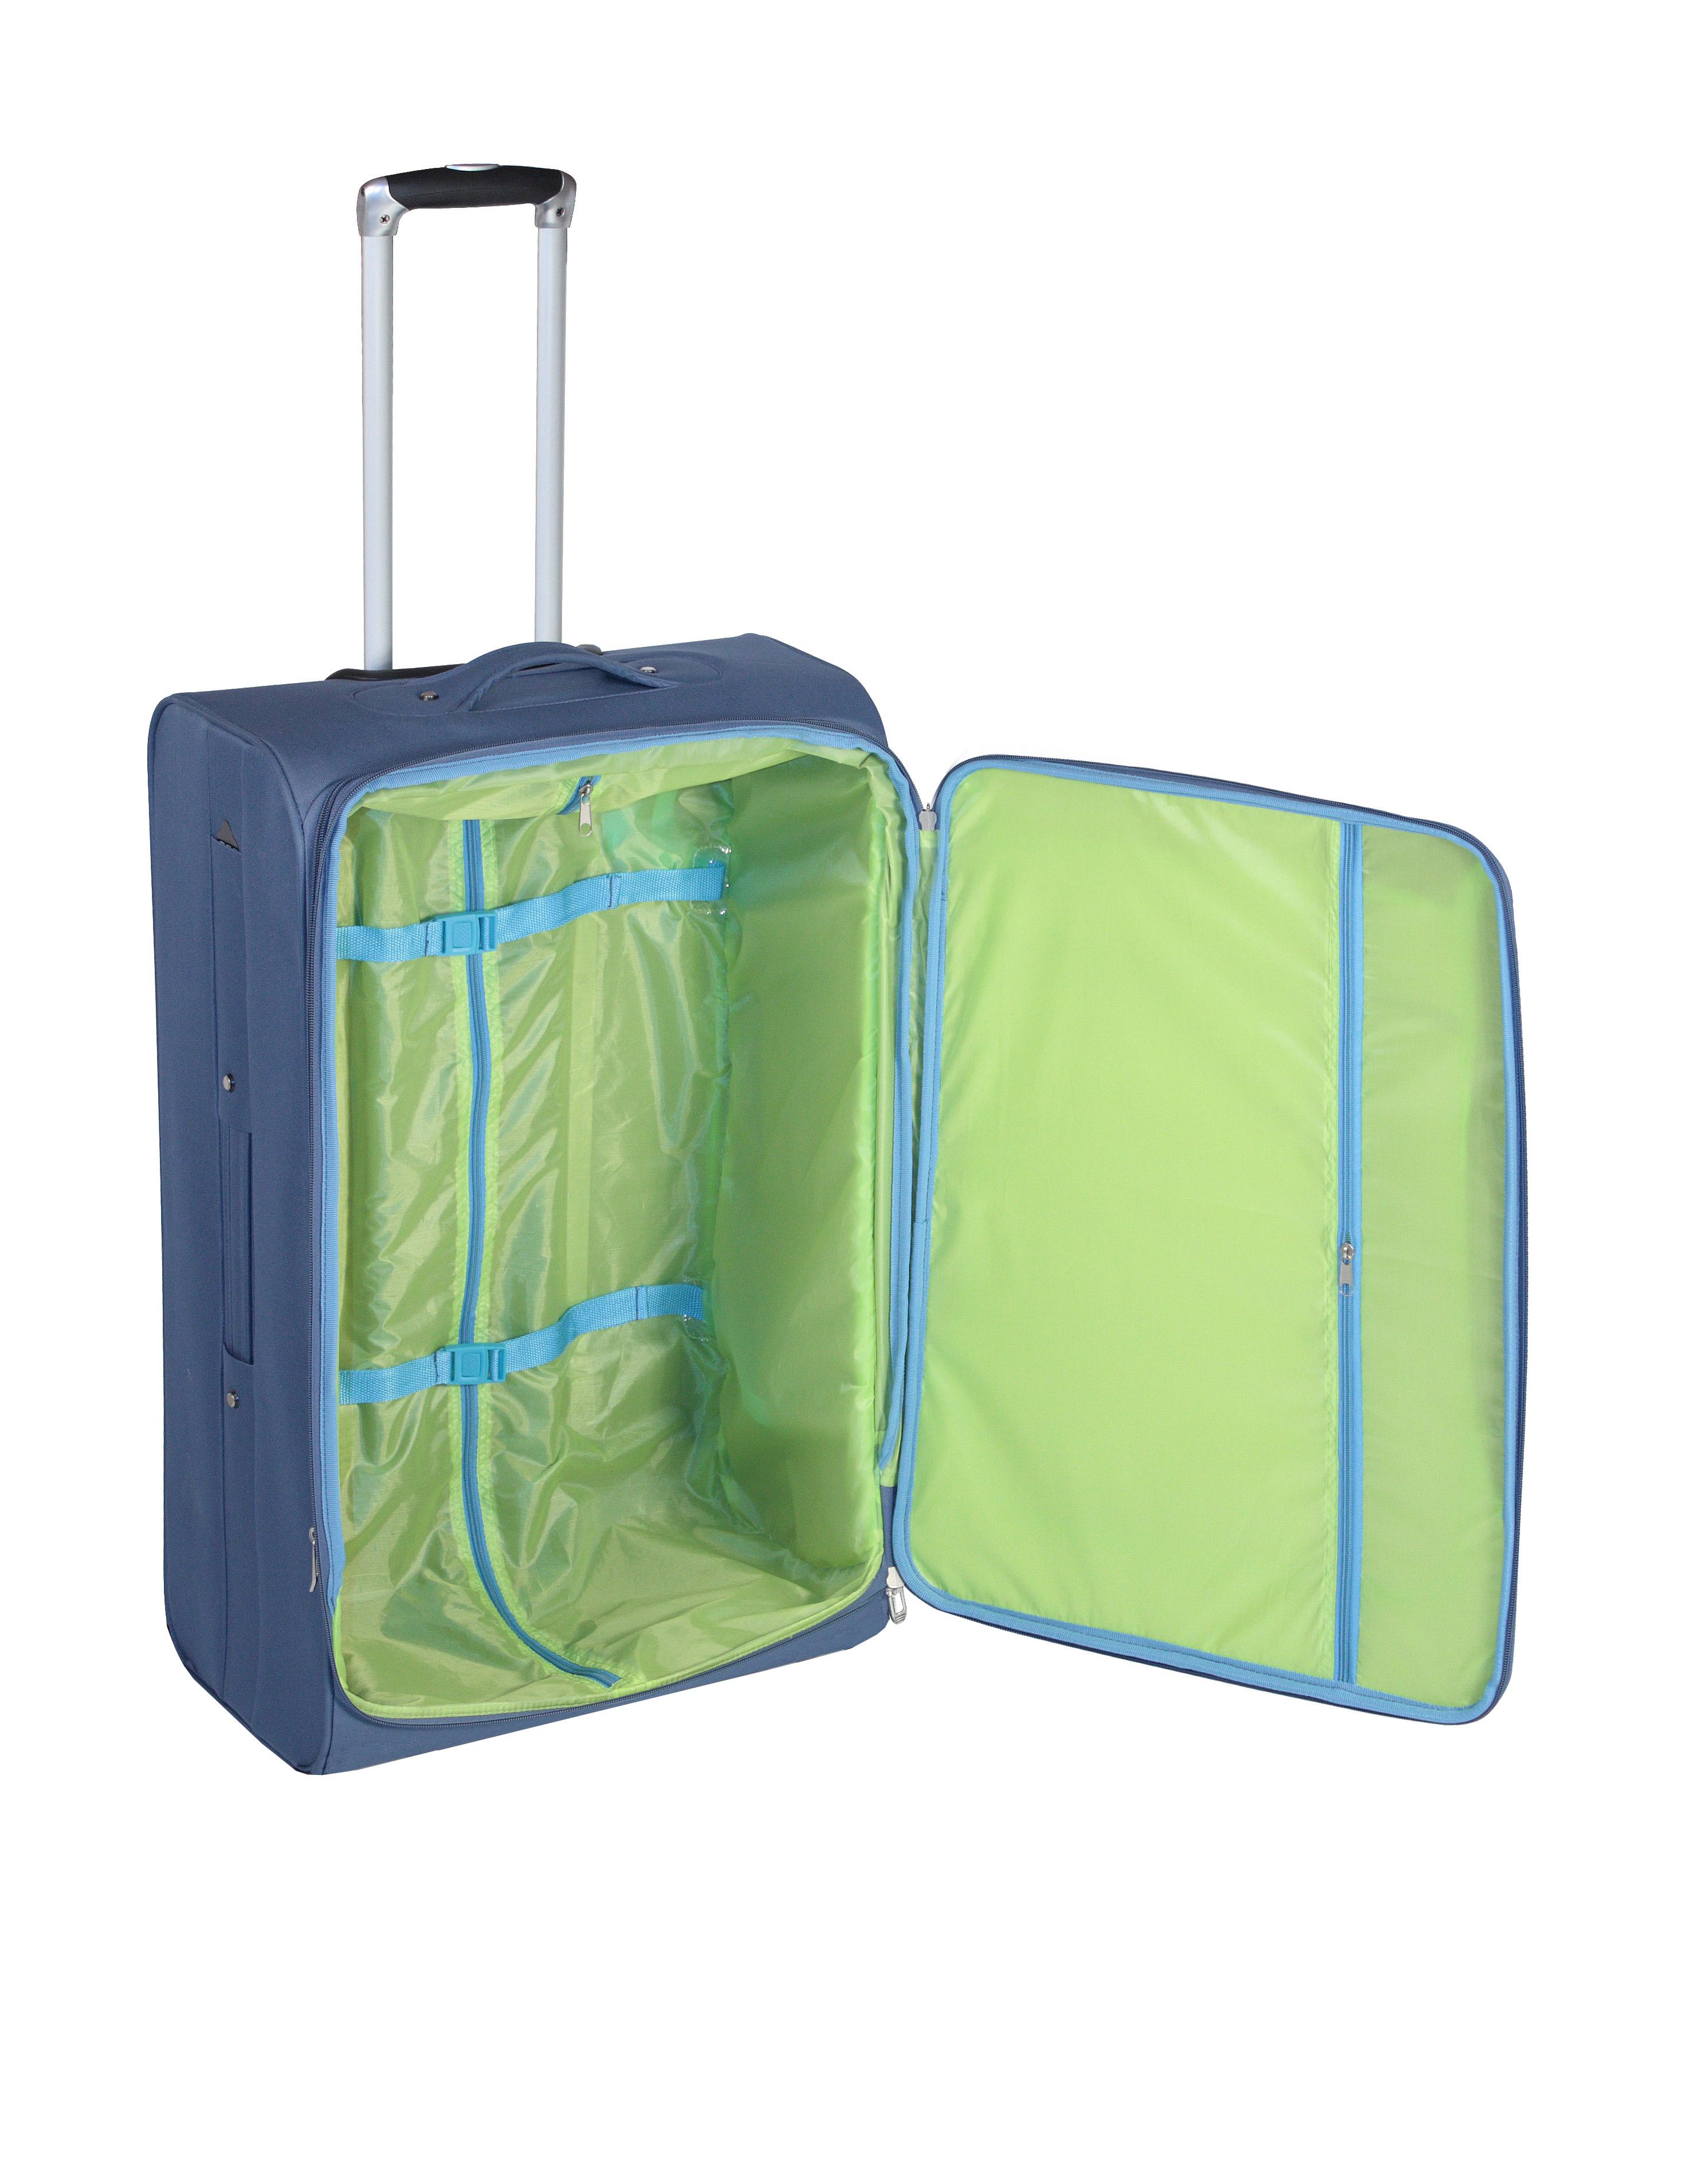 29ba5644f maletas-de-viaje-baratas-deo-de-gladiator - Blog MaletasOK